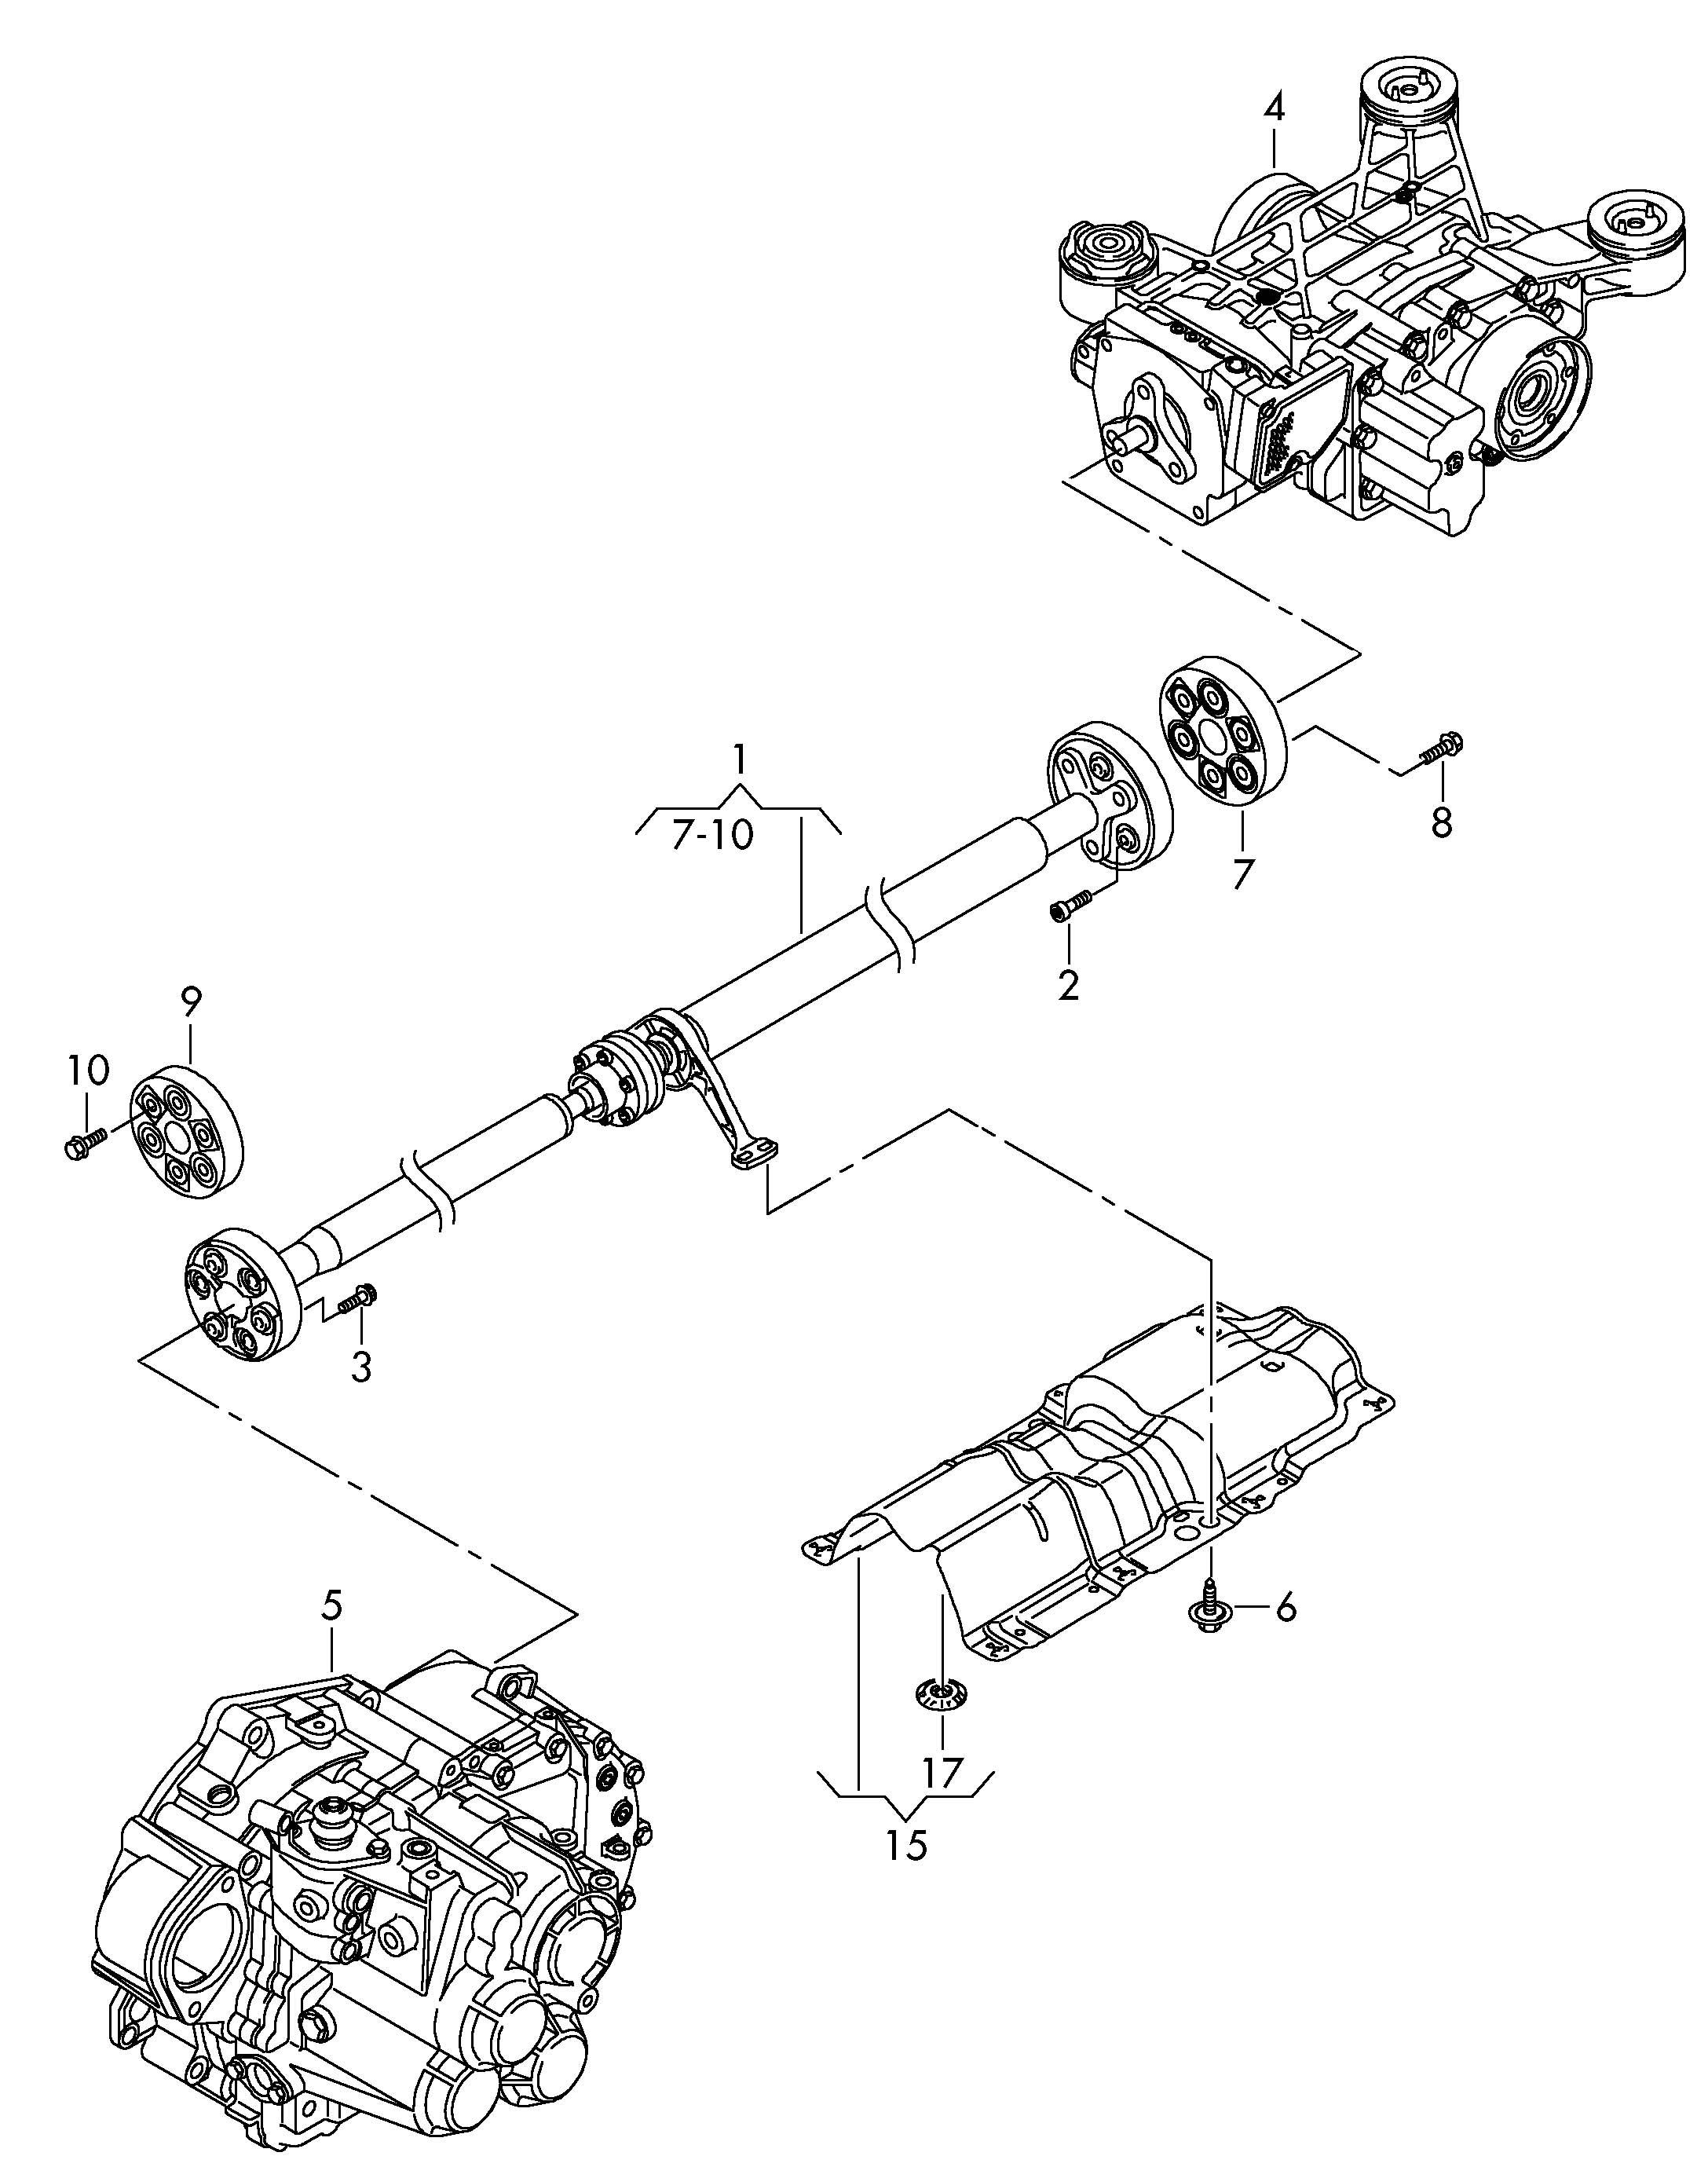 Volkswagen Propeller shaft